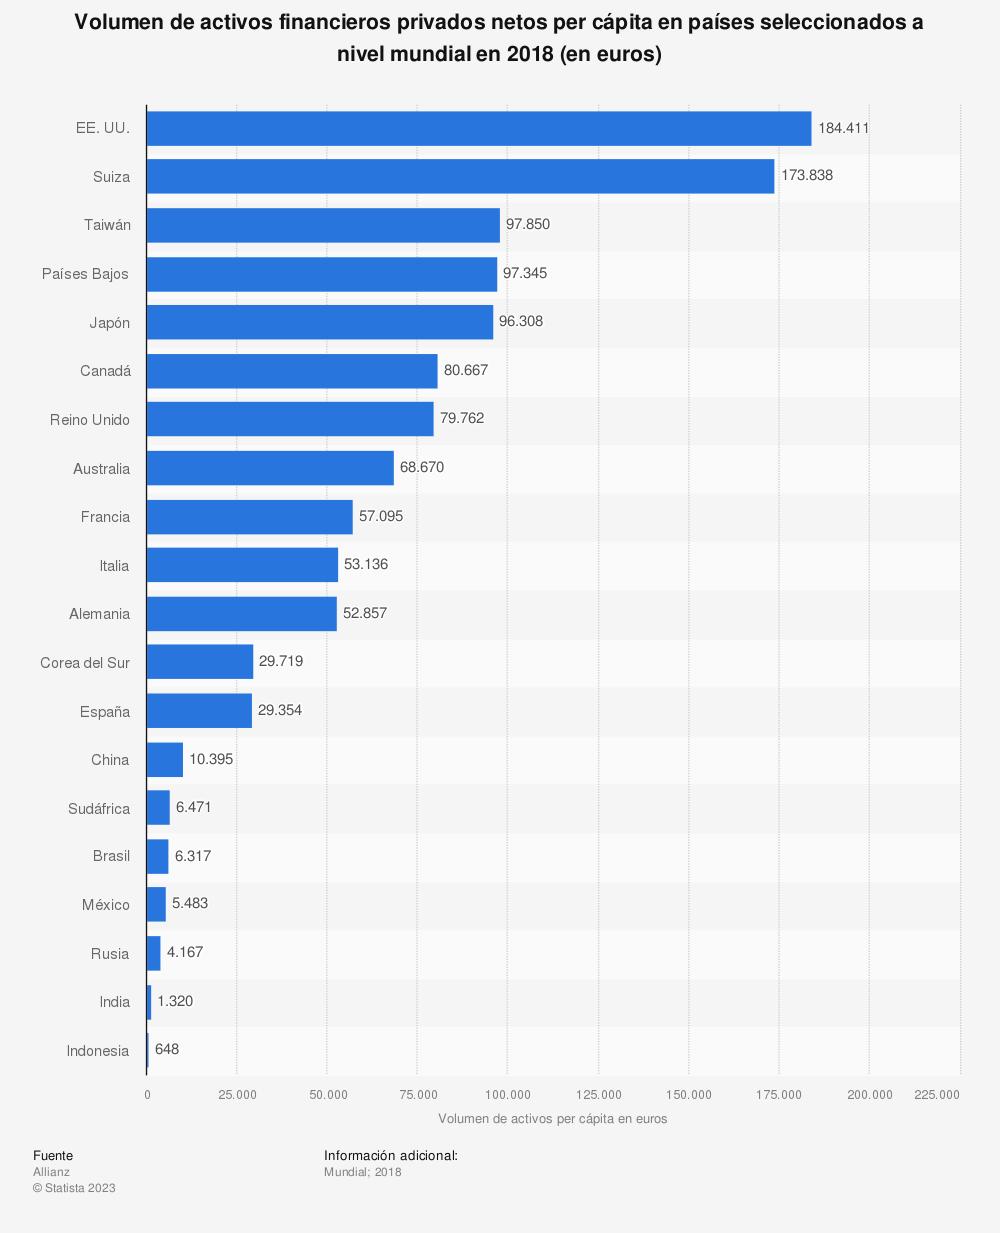 Estadística: Volumen de activos financieros privados netos per cápita en países seleccionados a nivel mundial en 2018 (en euros) | Statista